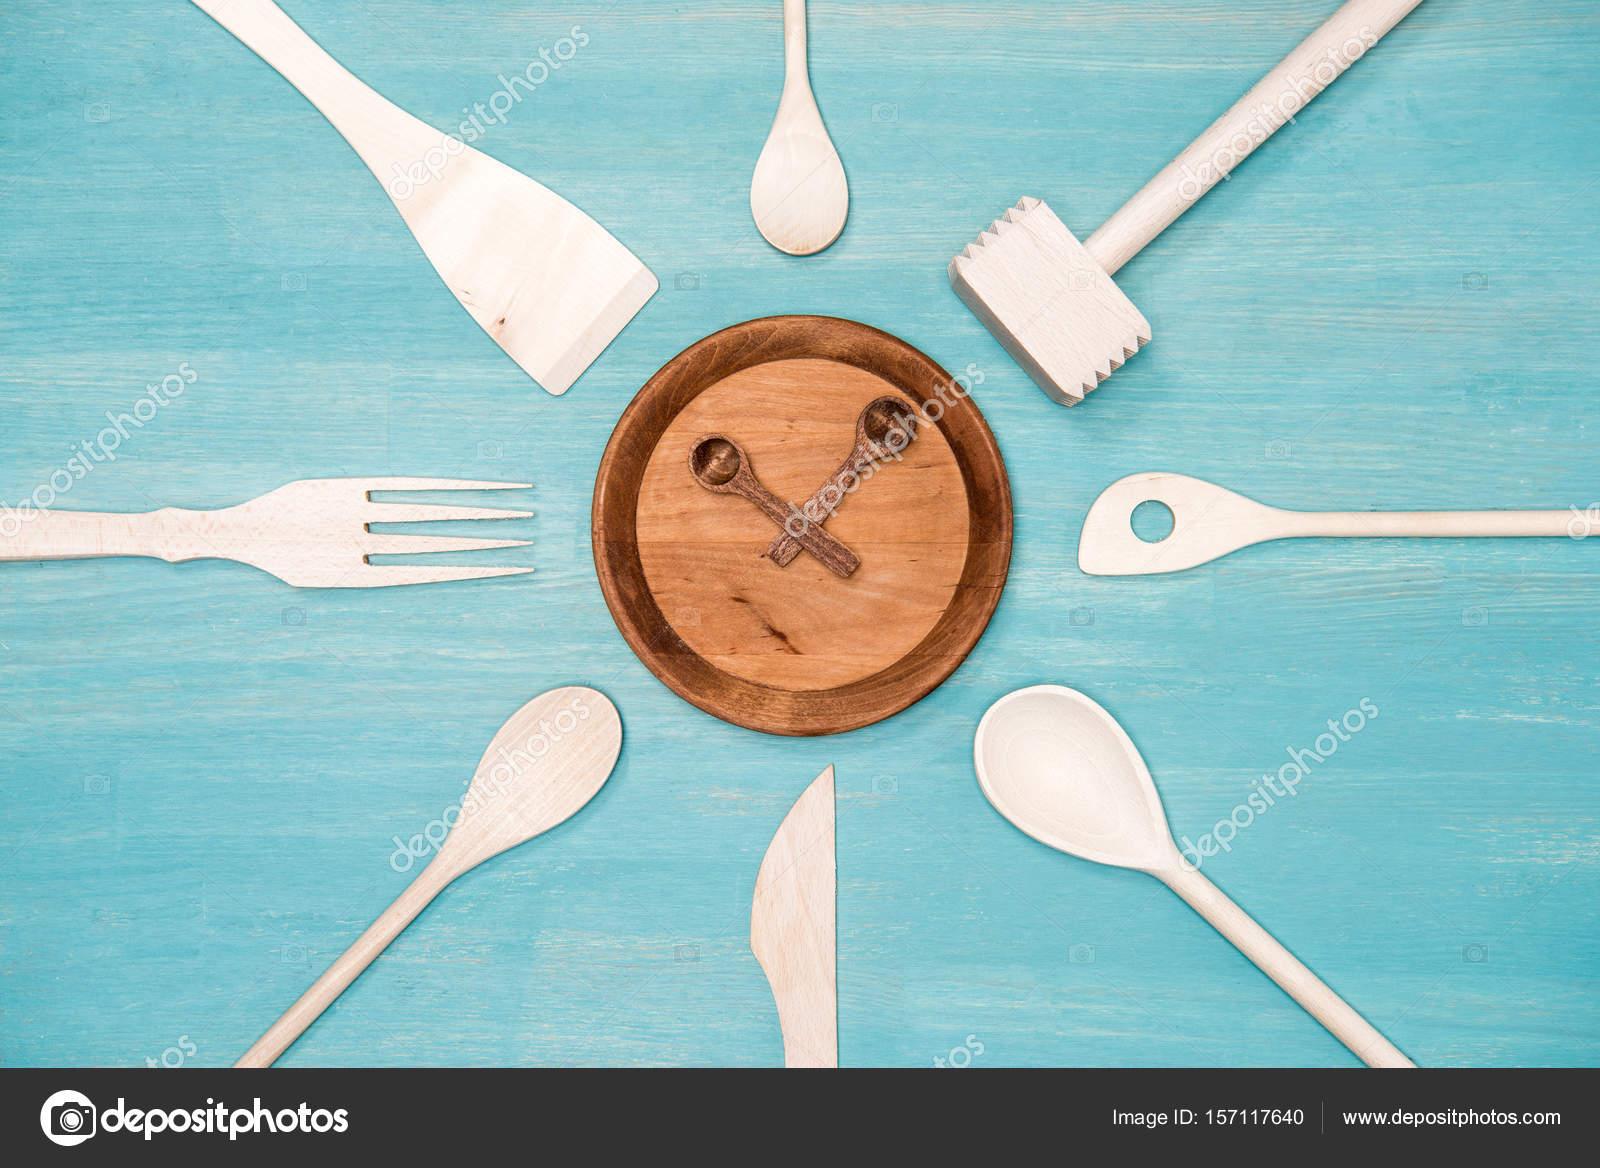 wooden kitchen clock big lots chairs 顶视图的各种木制厨房用具和时钟符号板上 图库照片 c kostyaklimenko 图库